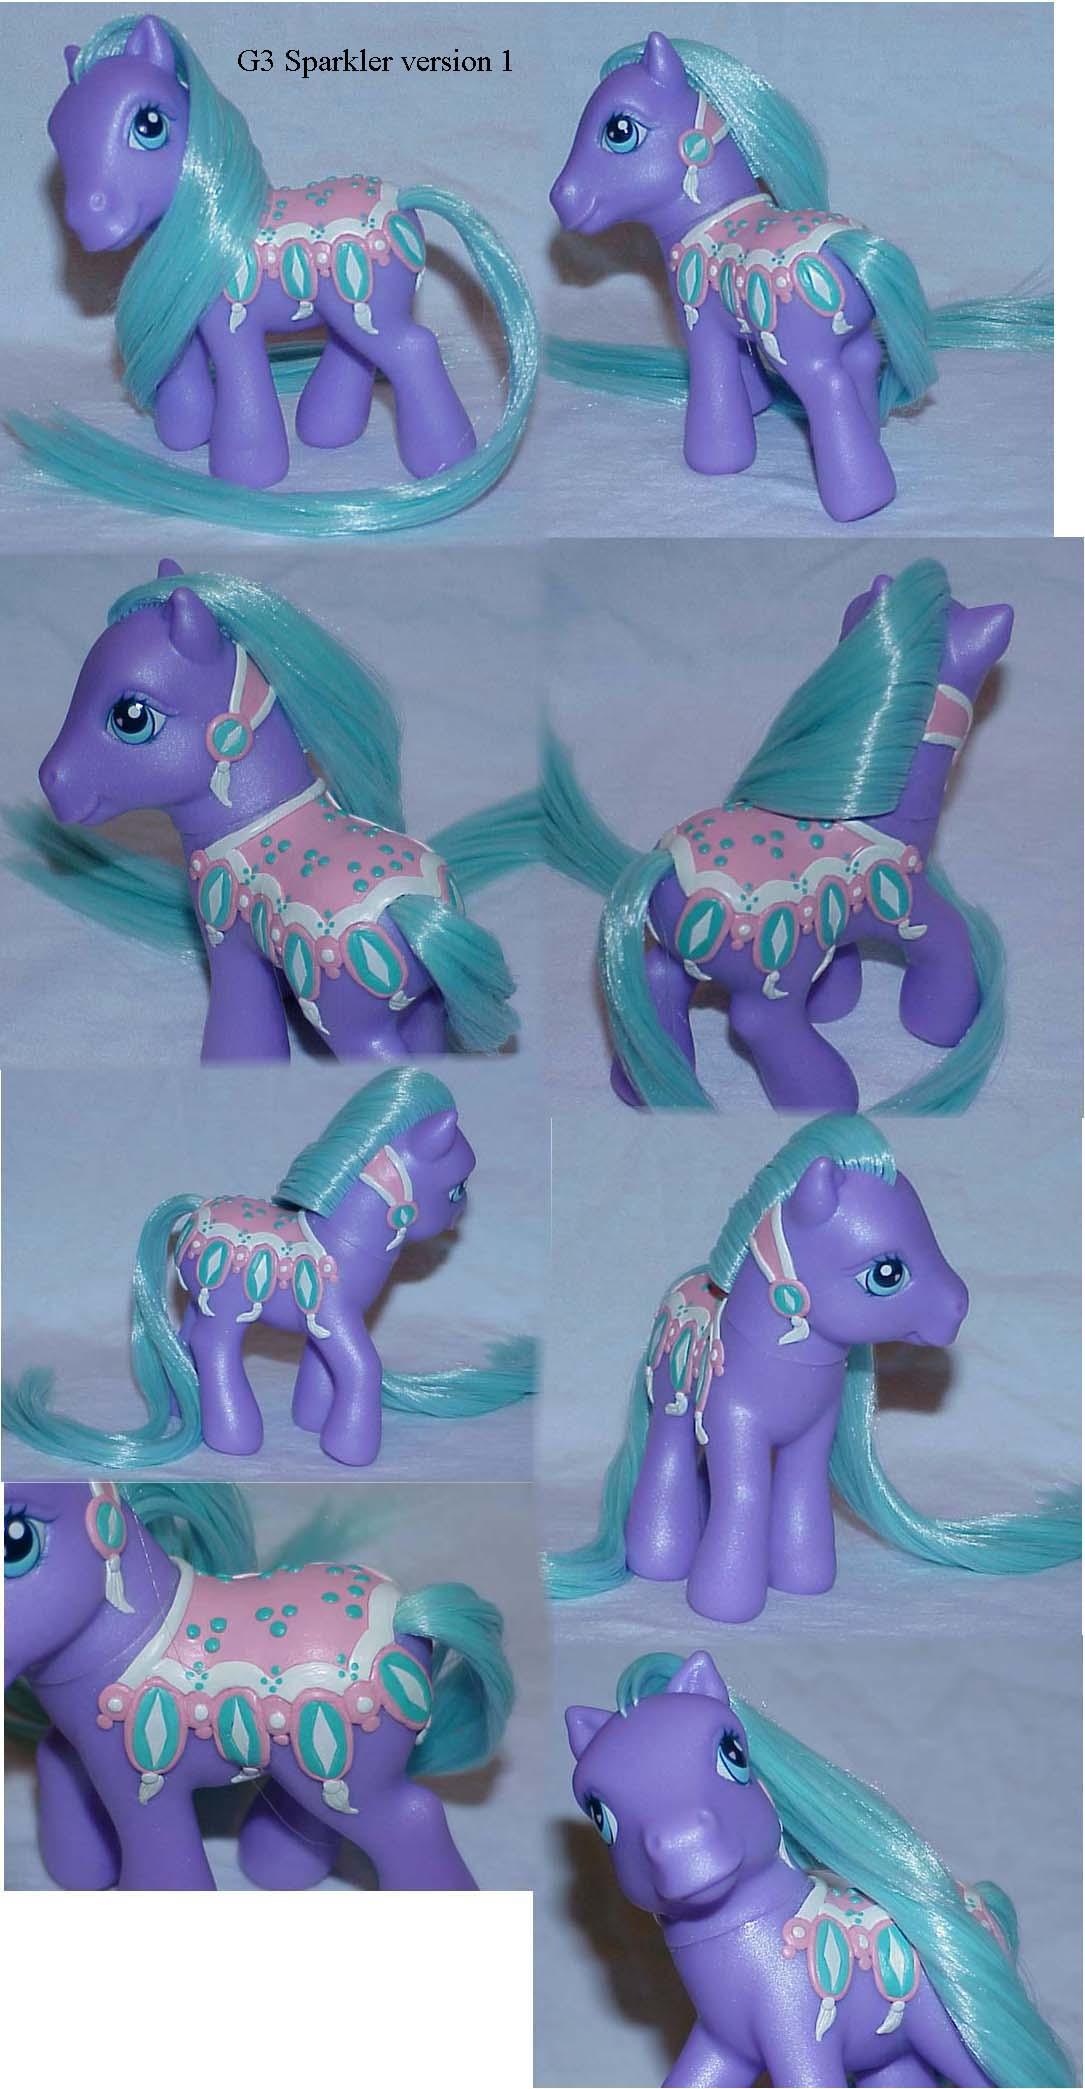 Sparkler merry go round pony by Woosie